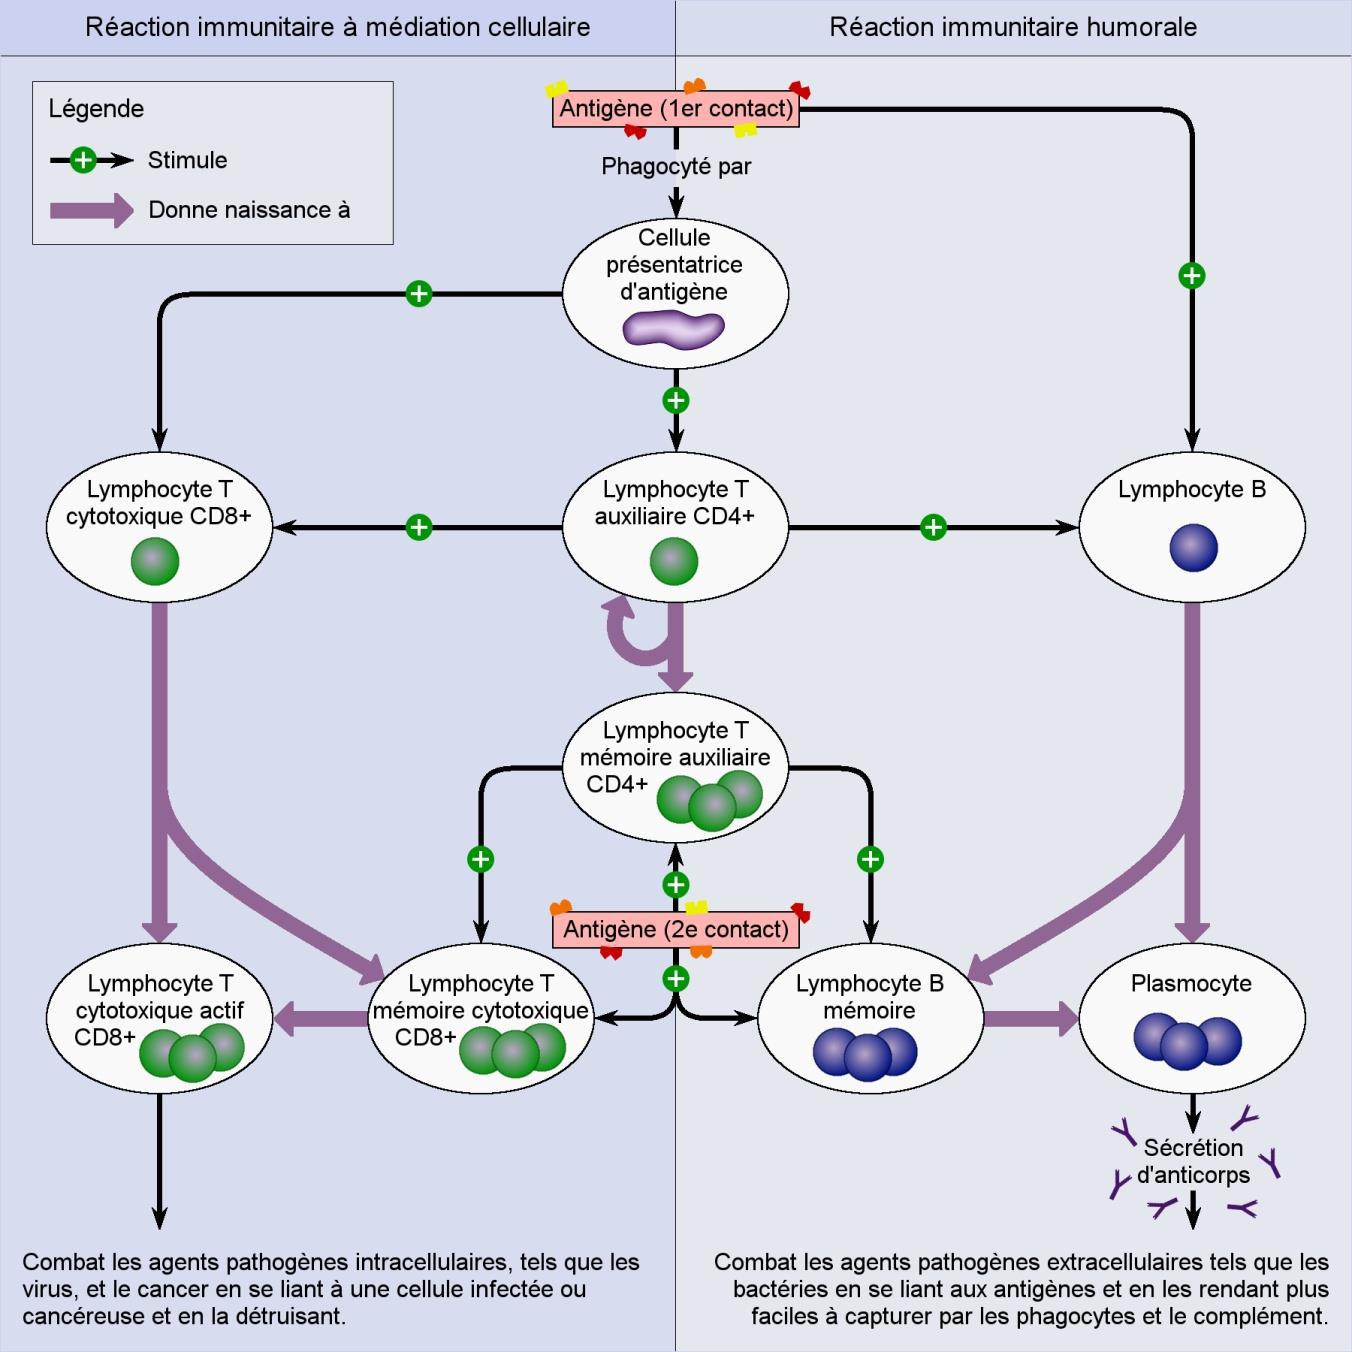 Le schéma montre les différentes cellules induites par la réaction immunitaire humorale et par celle à médiation cellulaire à la suite d'un premier ou d'un second contact avec un antigène spécifique